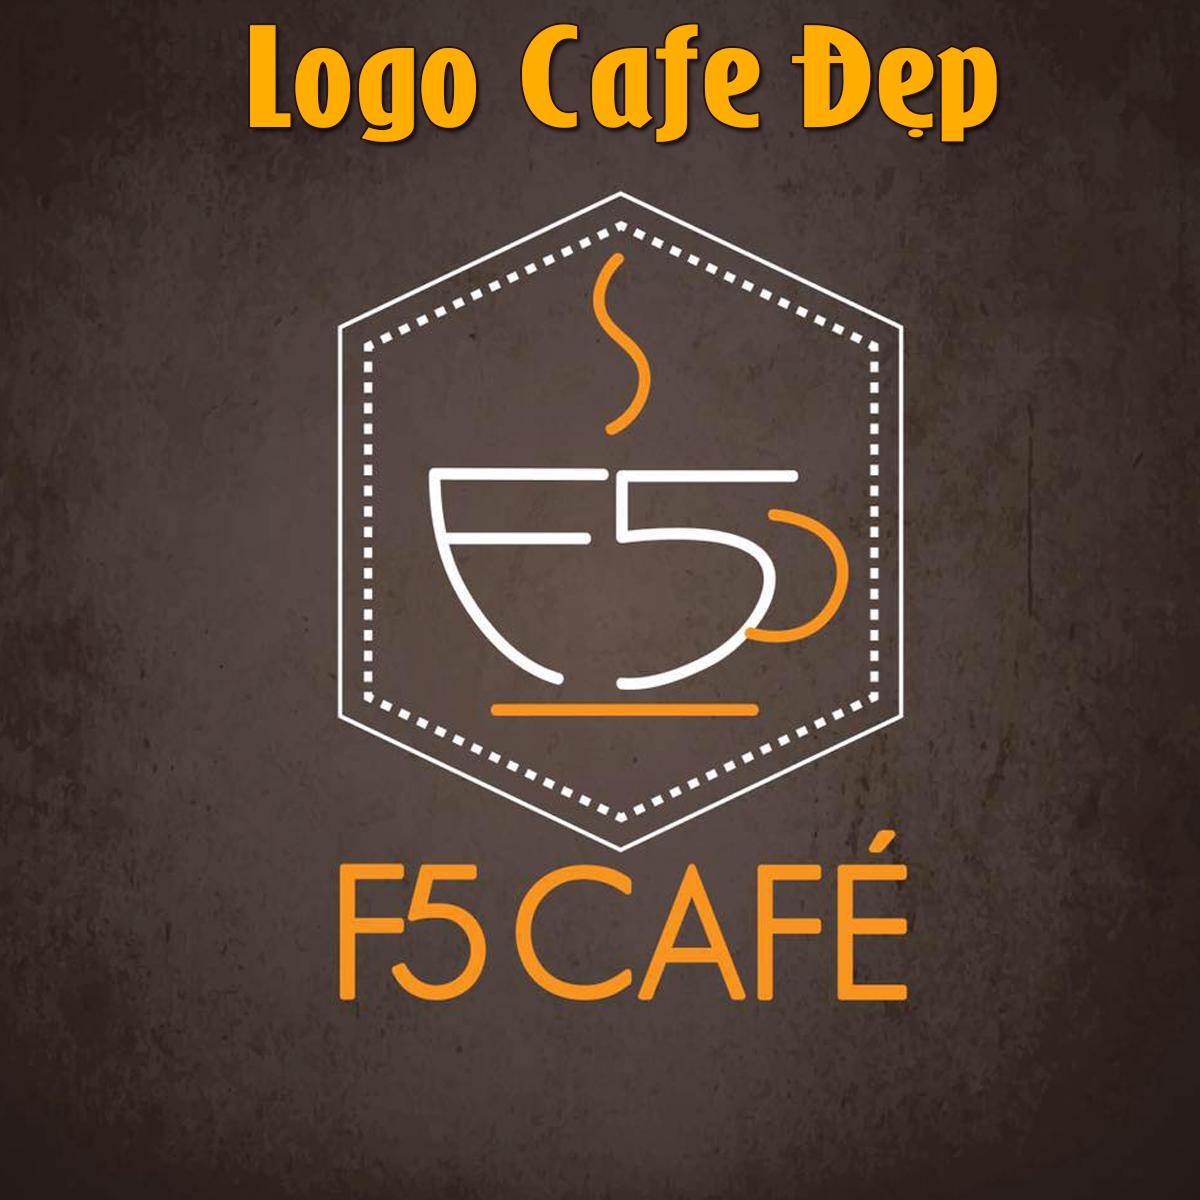 F5cafe - Logo cafe đẹp khởi đầu tươi sáng